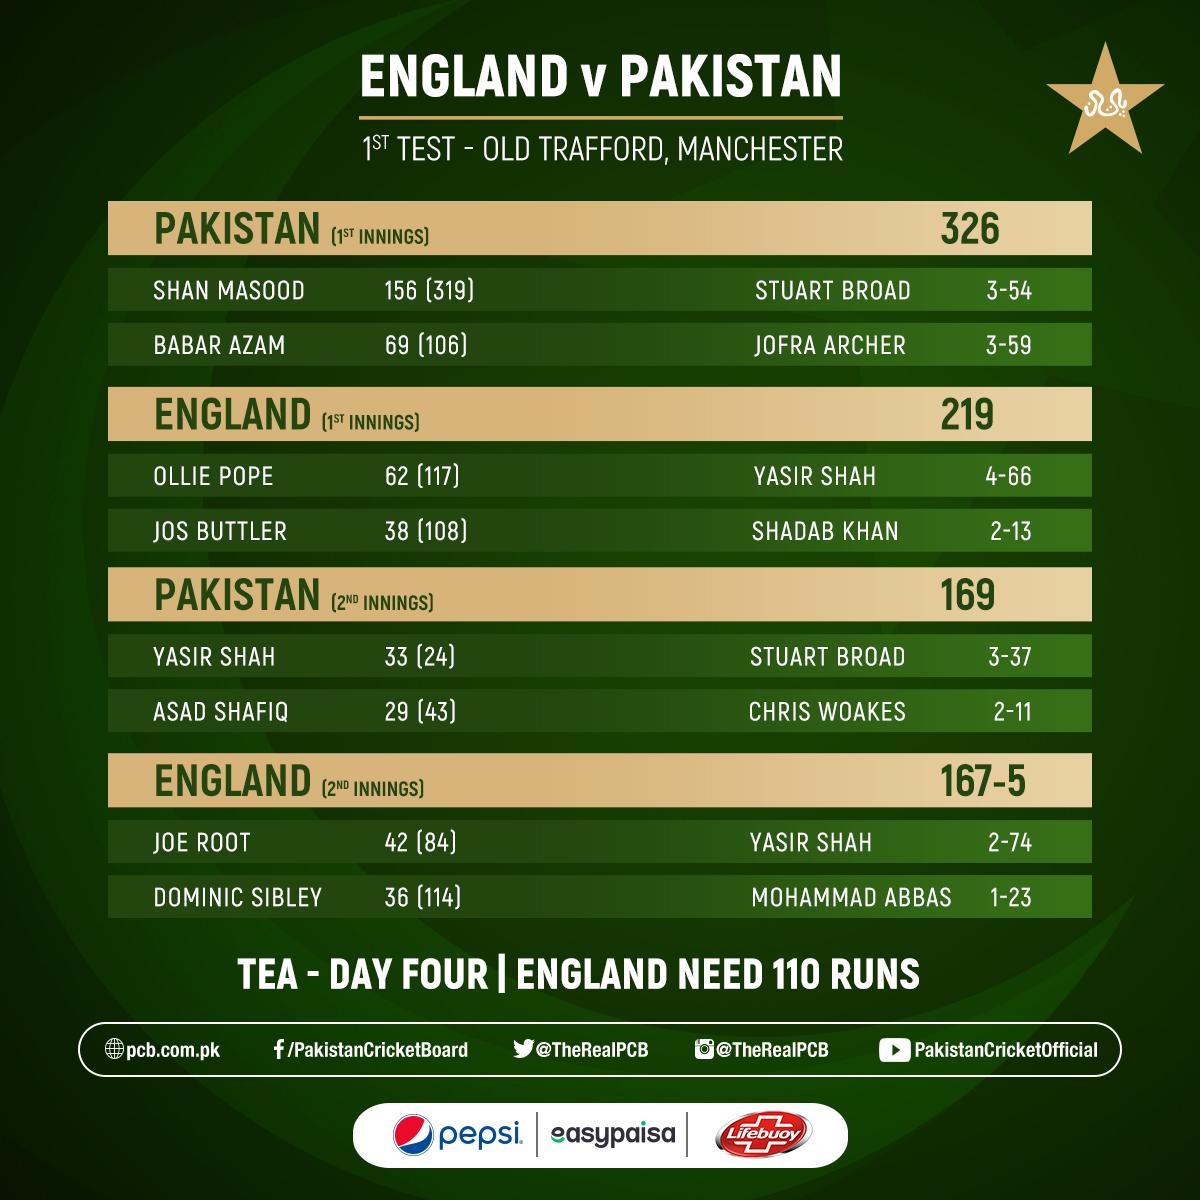 Tea Break ☕  Pakistan need five wickets to win. #ENGvPAK Scorecard ➡️ https://t.co/AgqLzNrGsl https://t.co/QHxgx4Sq4Z